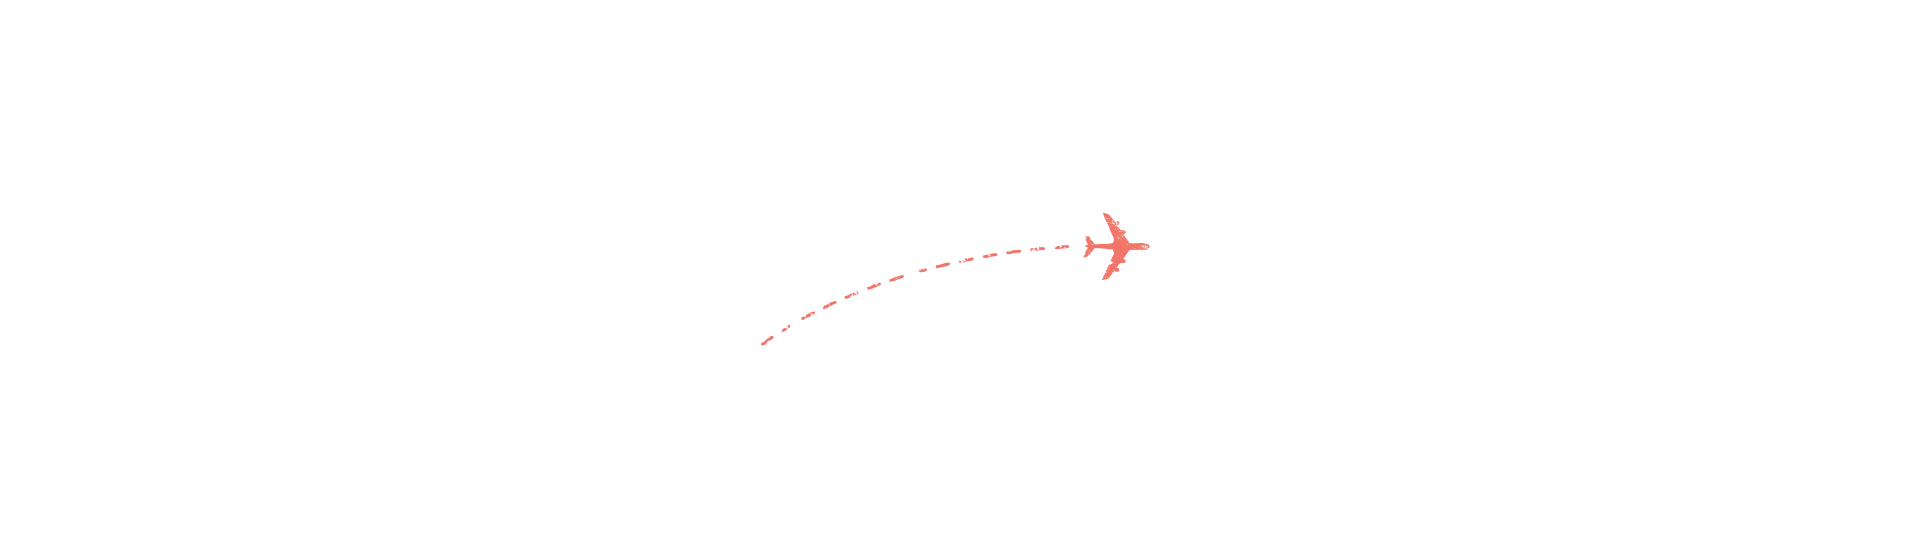 awheelinthesky.com plane logo